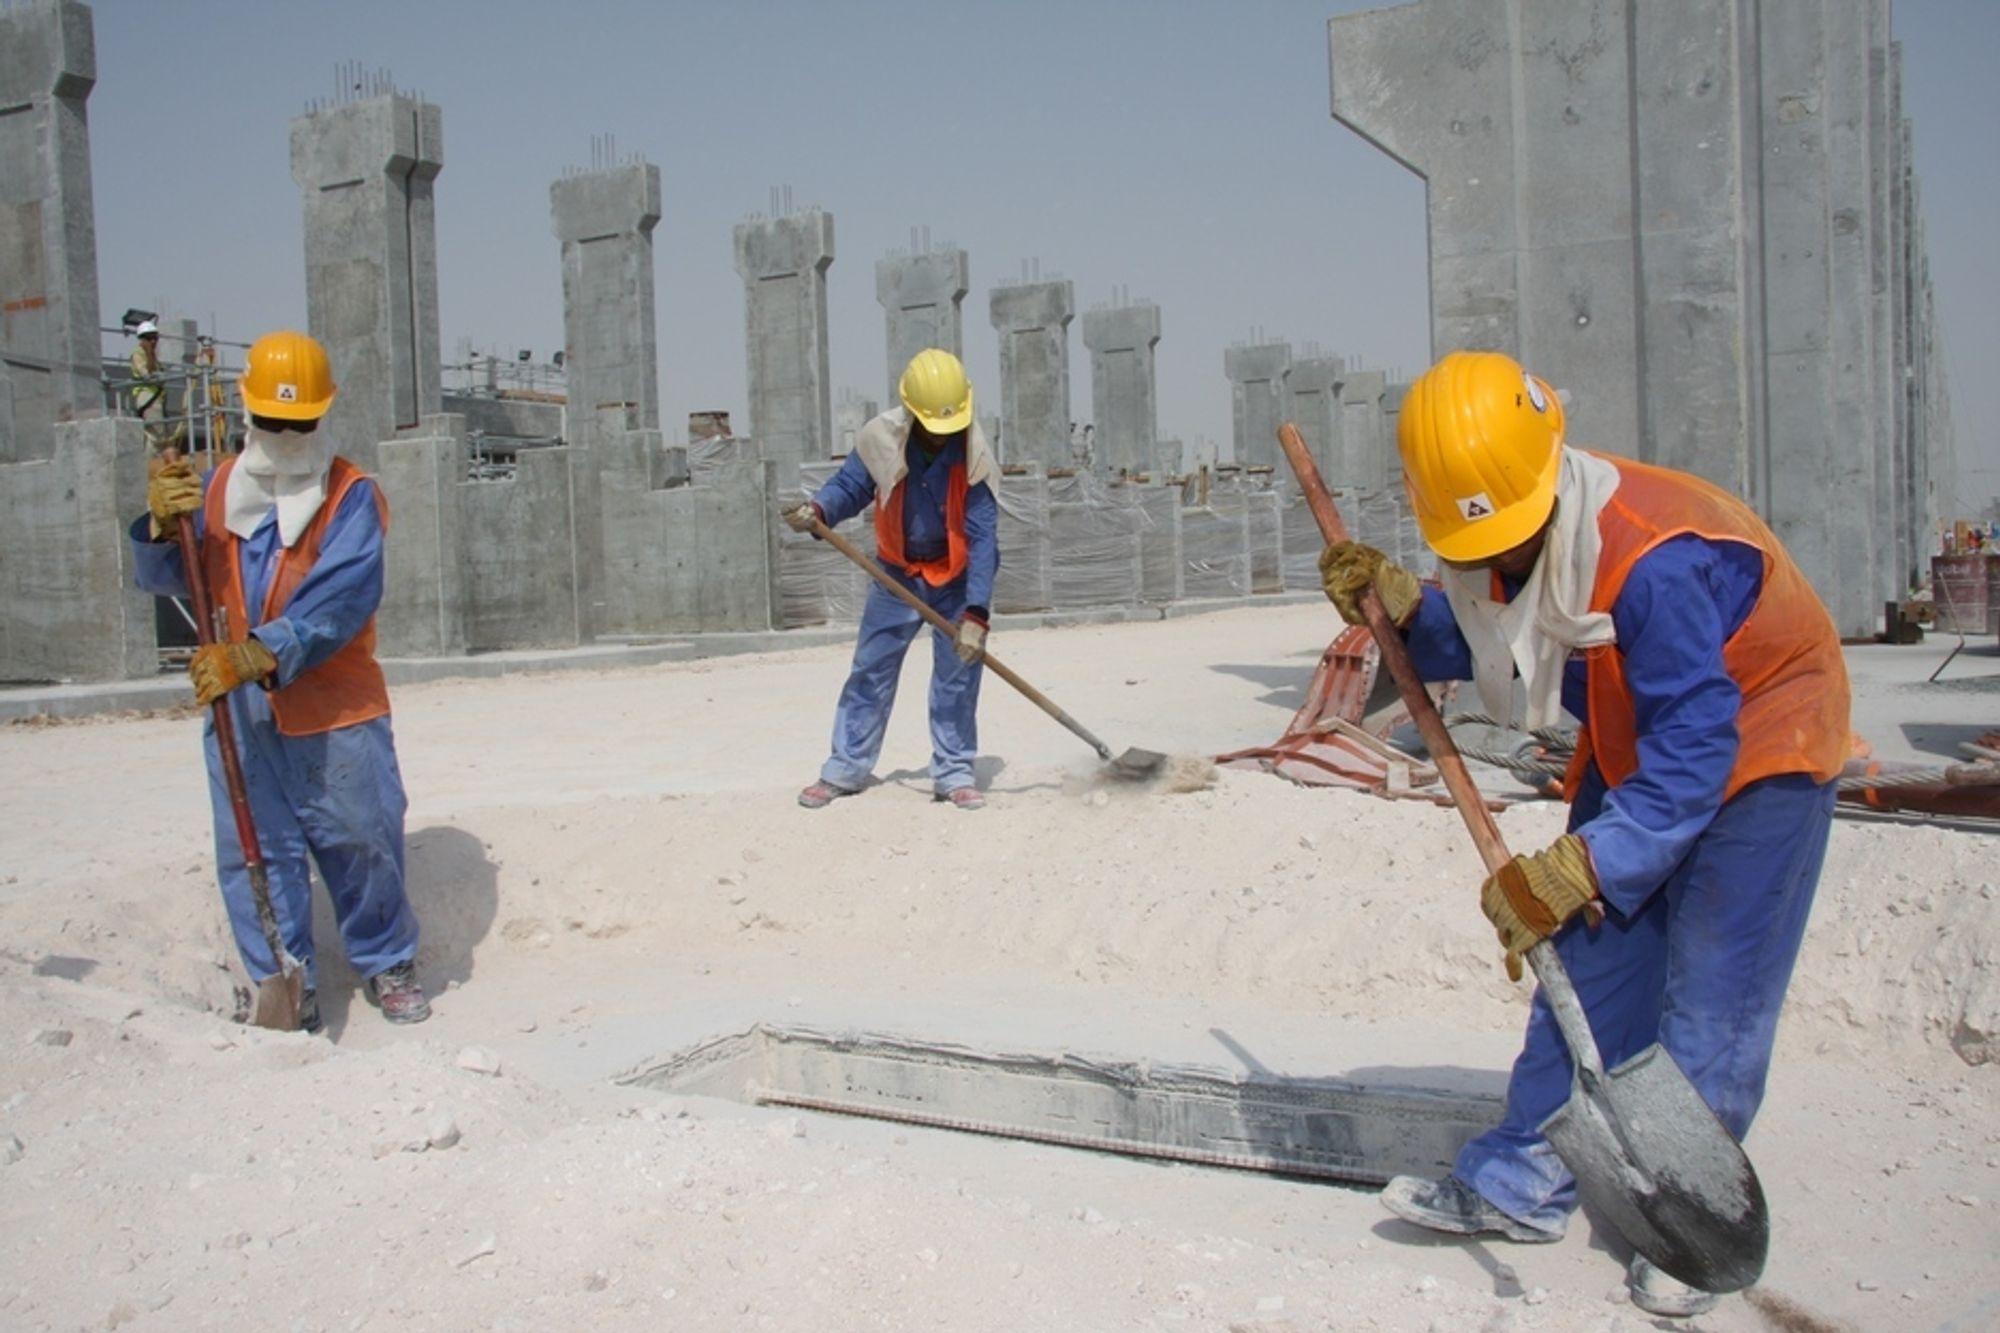 En 27 år gammel mann fra Nepal omkom i en arbeidsulykke her på byggeplassen til Qatalum-prosjektet i Qatar om morgenen 1. februar. Dette bildet ble tatt i september i fjor.